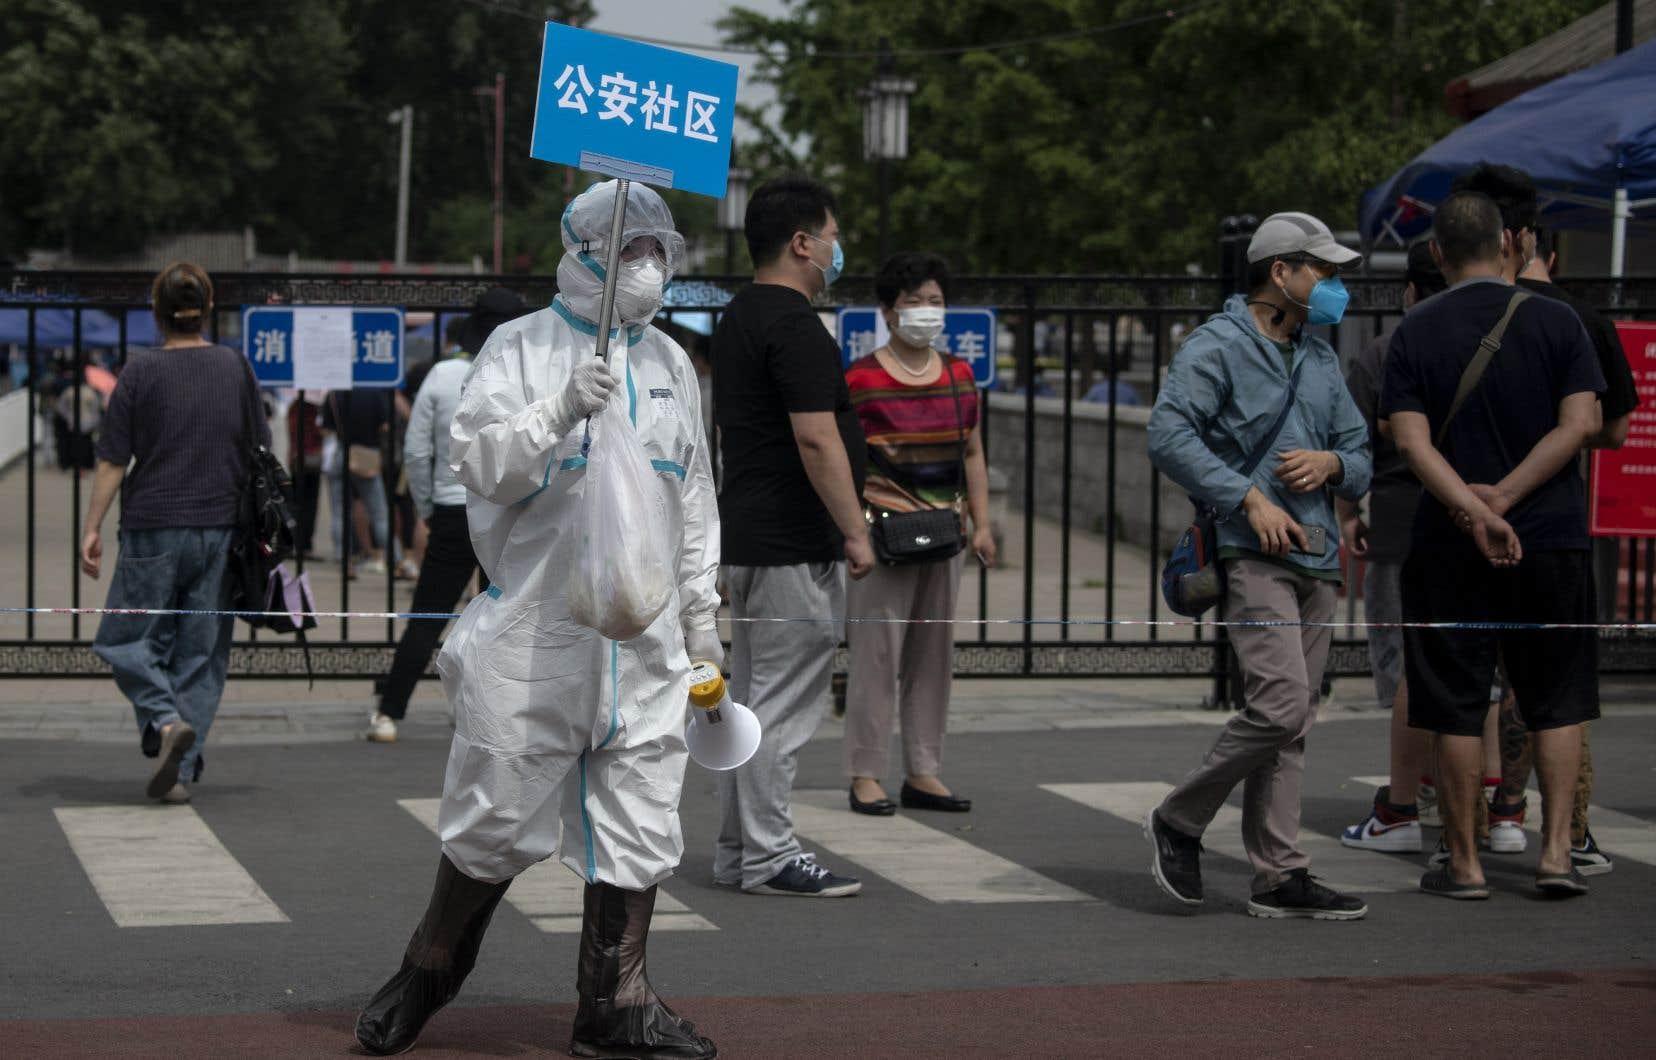 La source du rebond épidémique, qui a déjà fait plus de 130 malades dans la capitale, n'est pas connue.